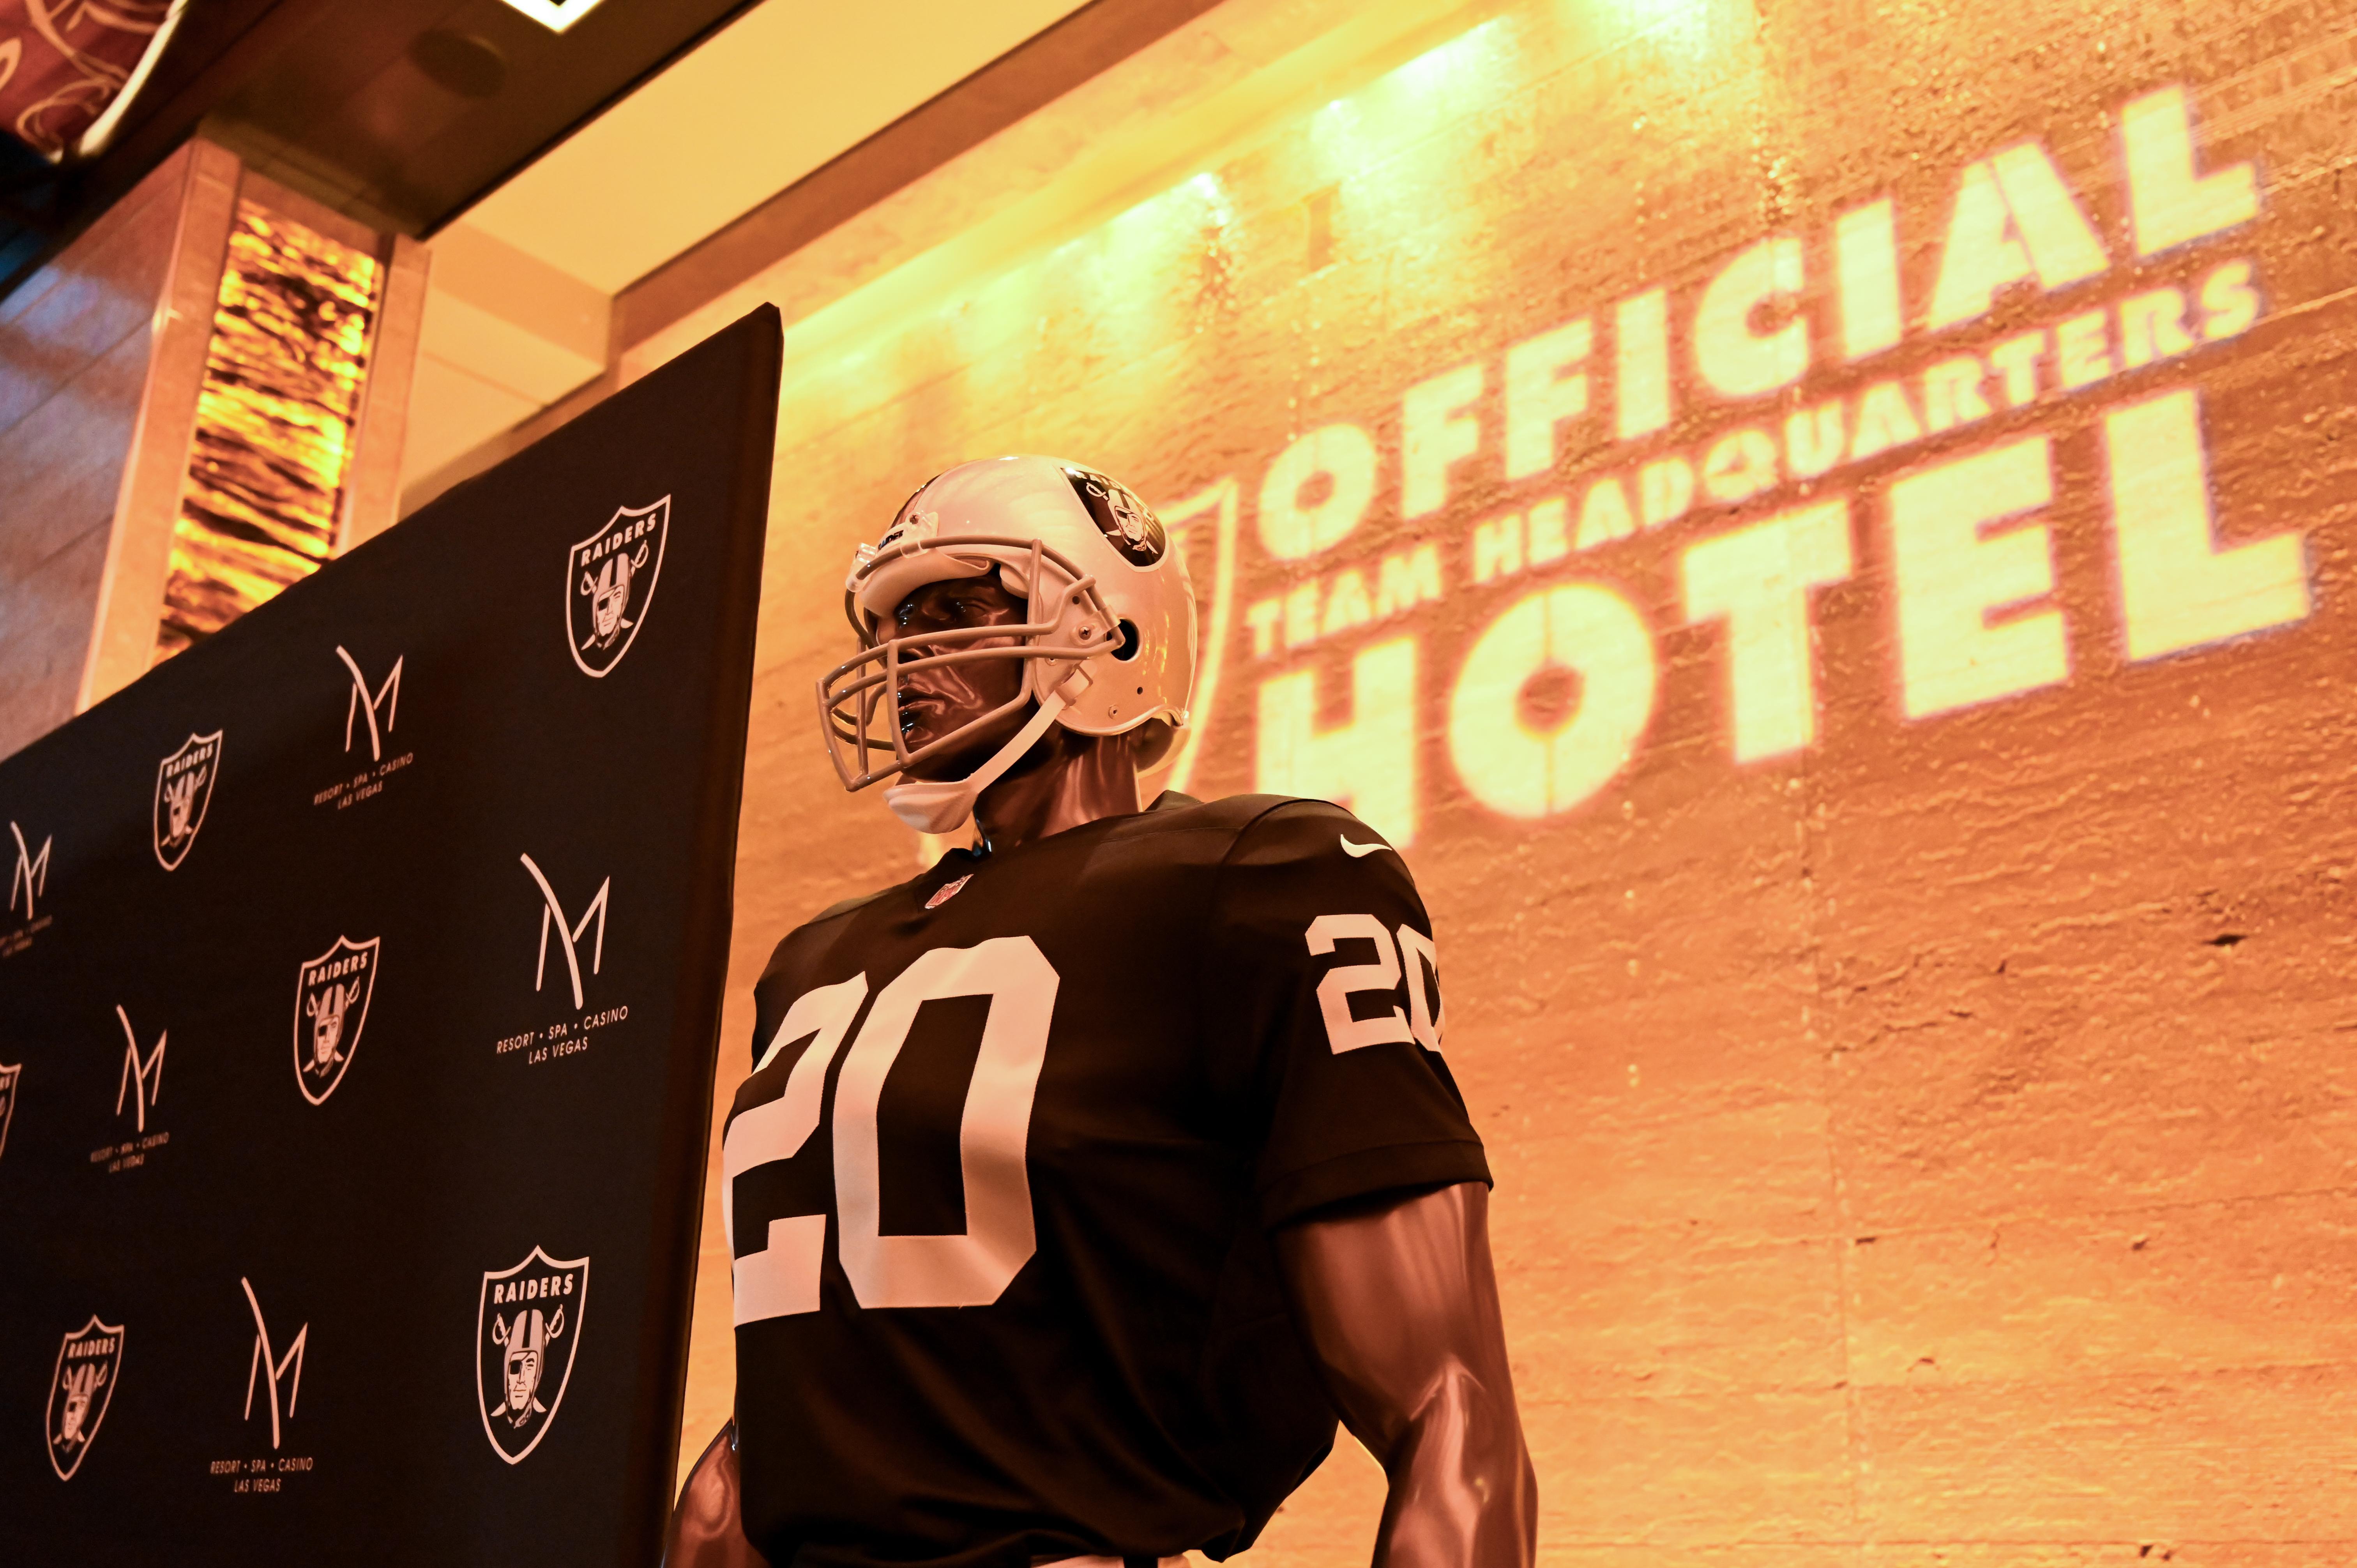 A Las Vegas Raiders uniform